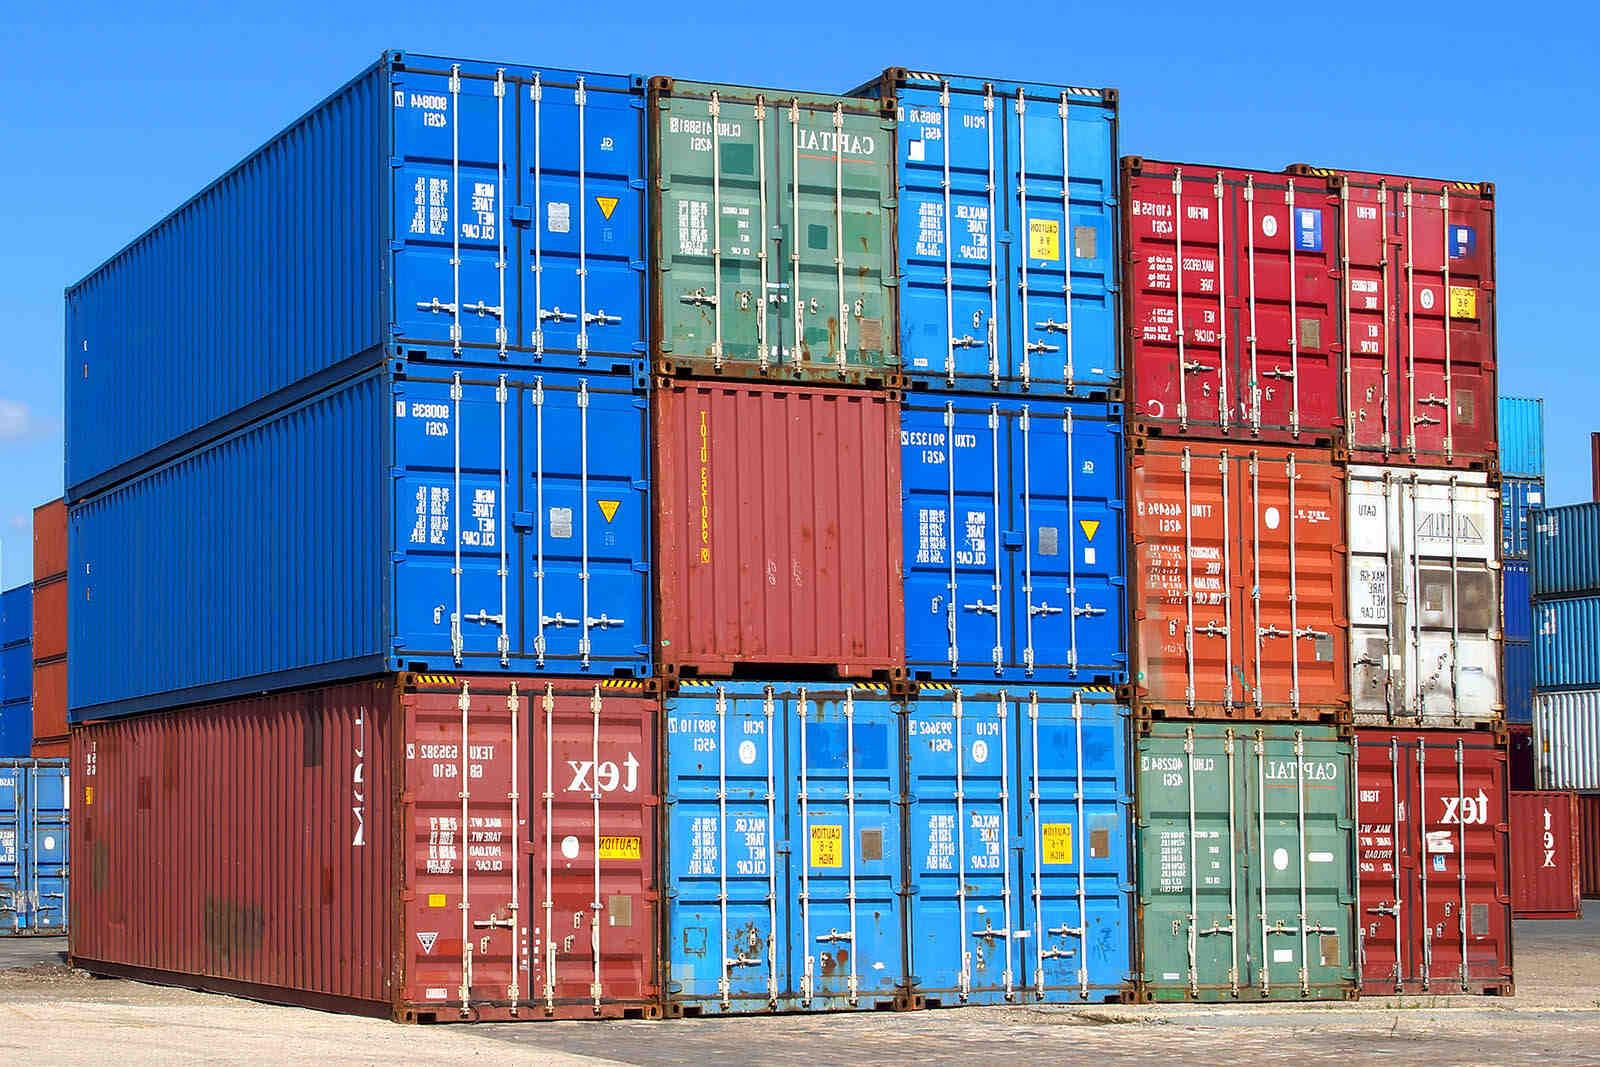 Quelle est la hauteur d'un conteneur?